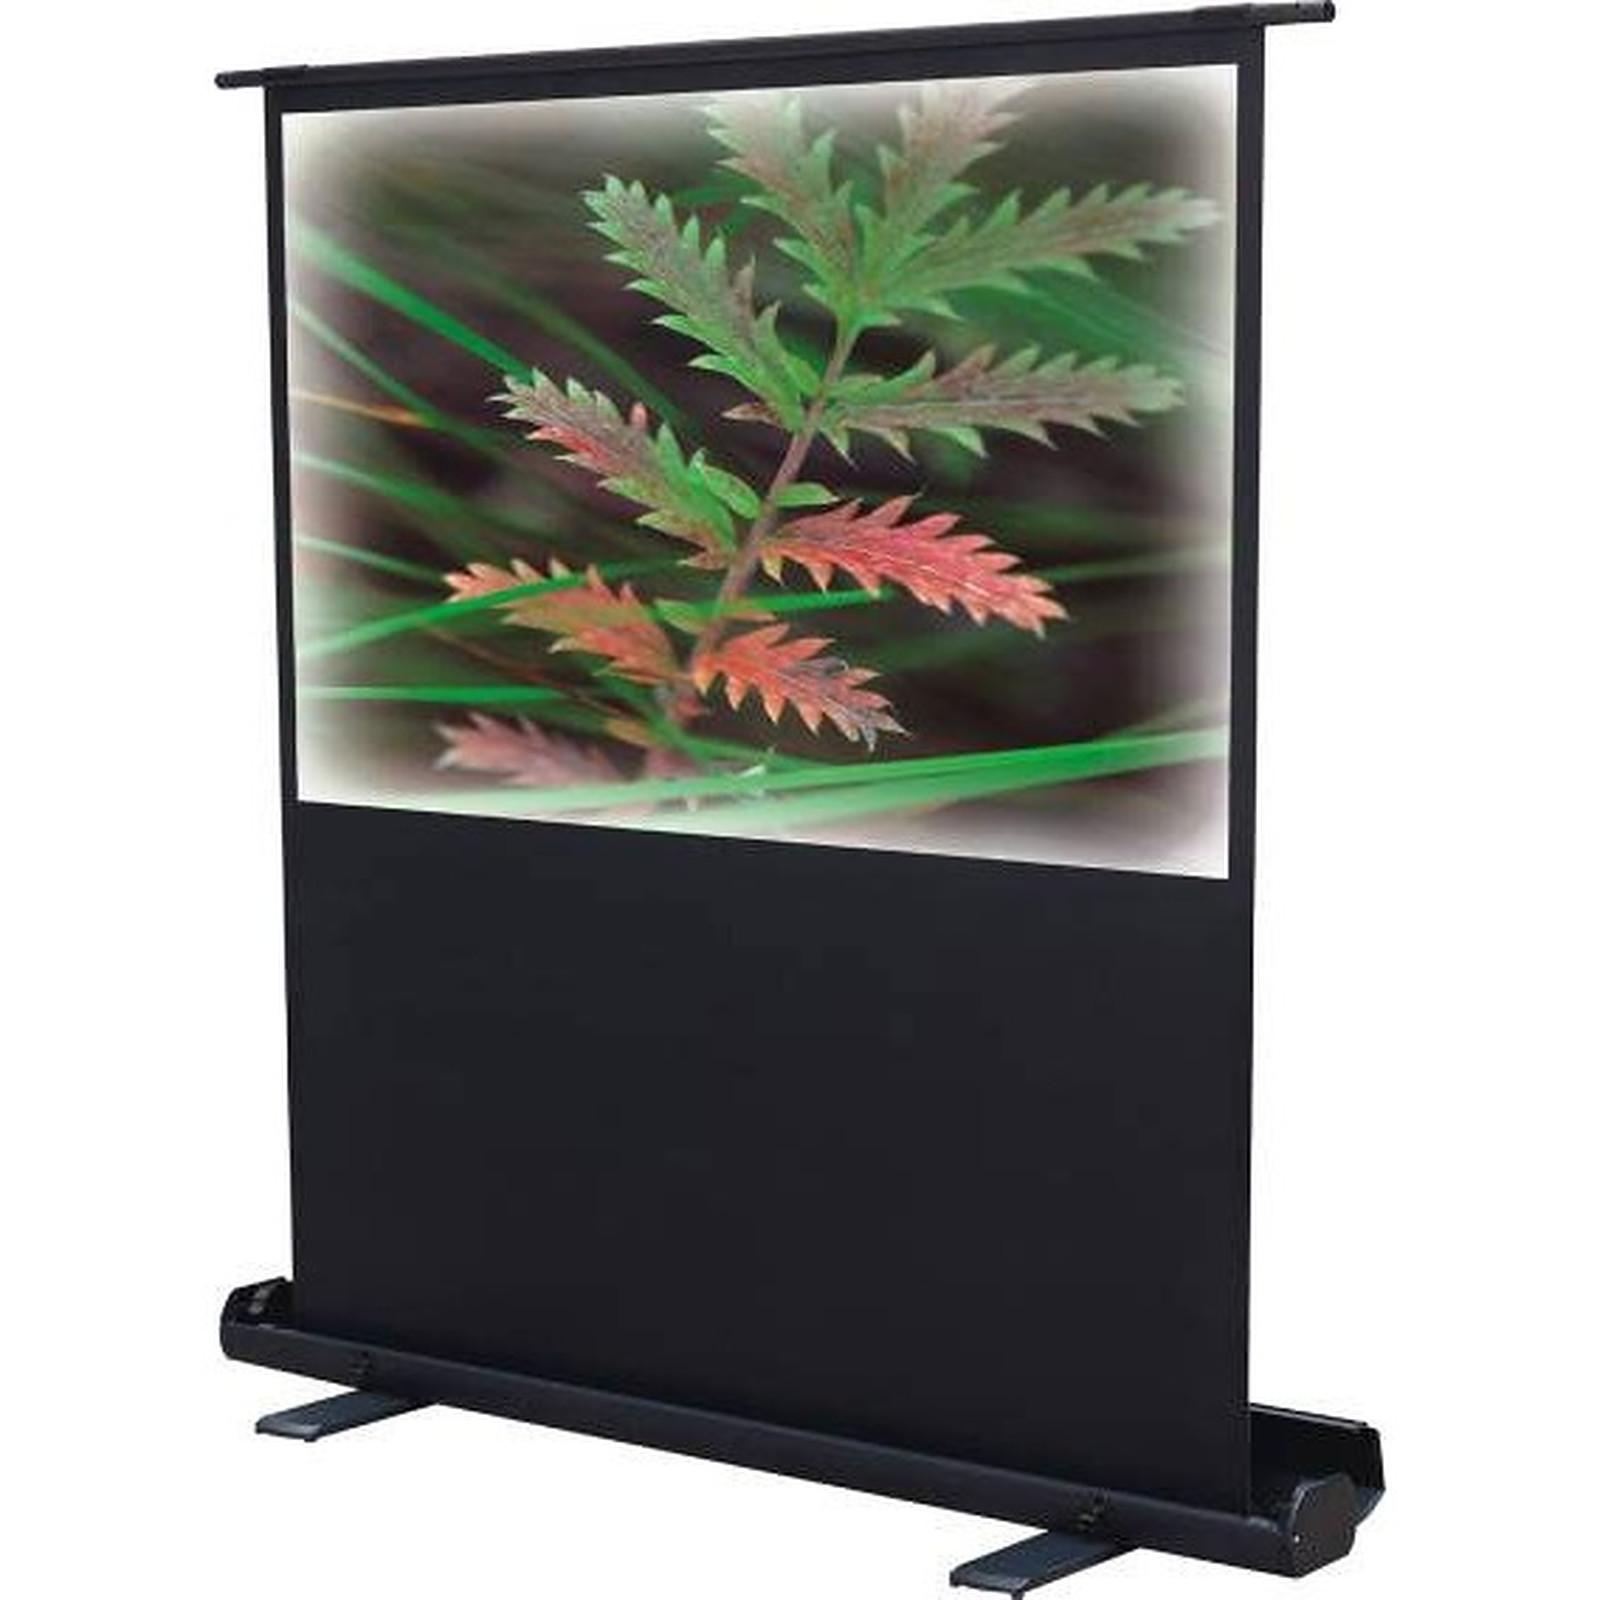 LDLC Ecran portable manuel - Format 4:3 - 180 x 135 cm